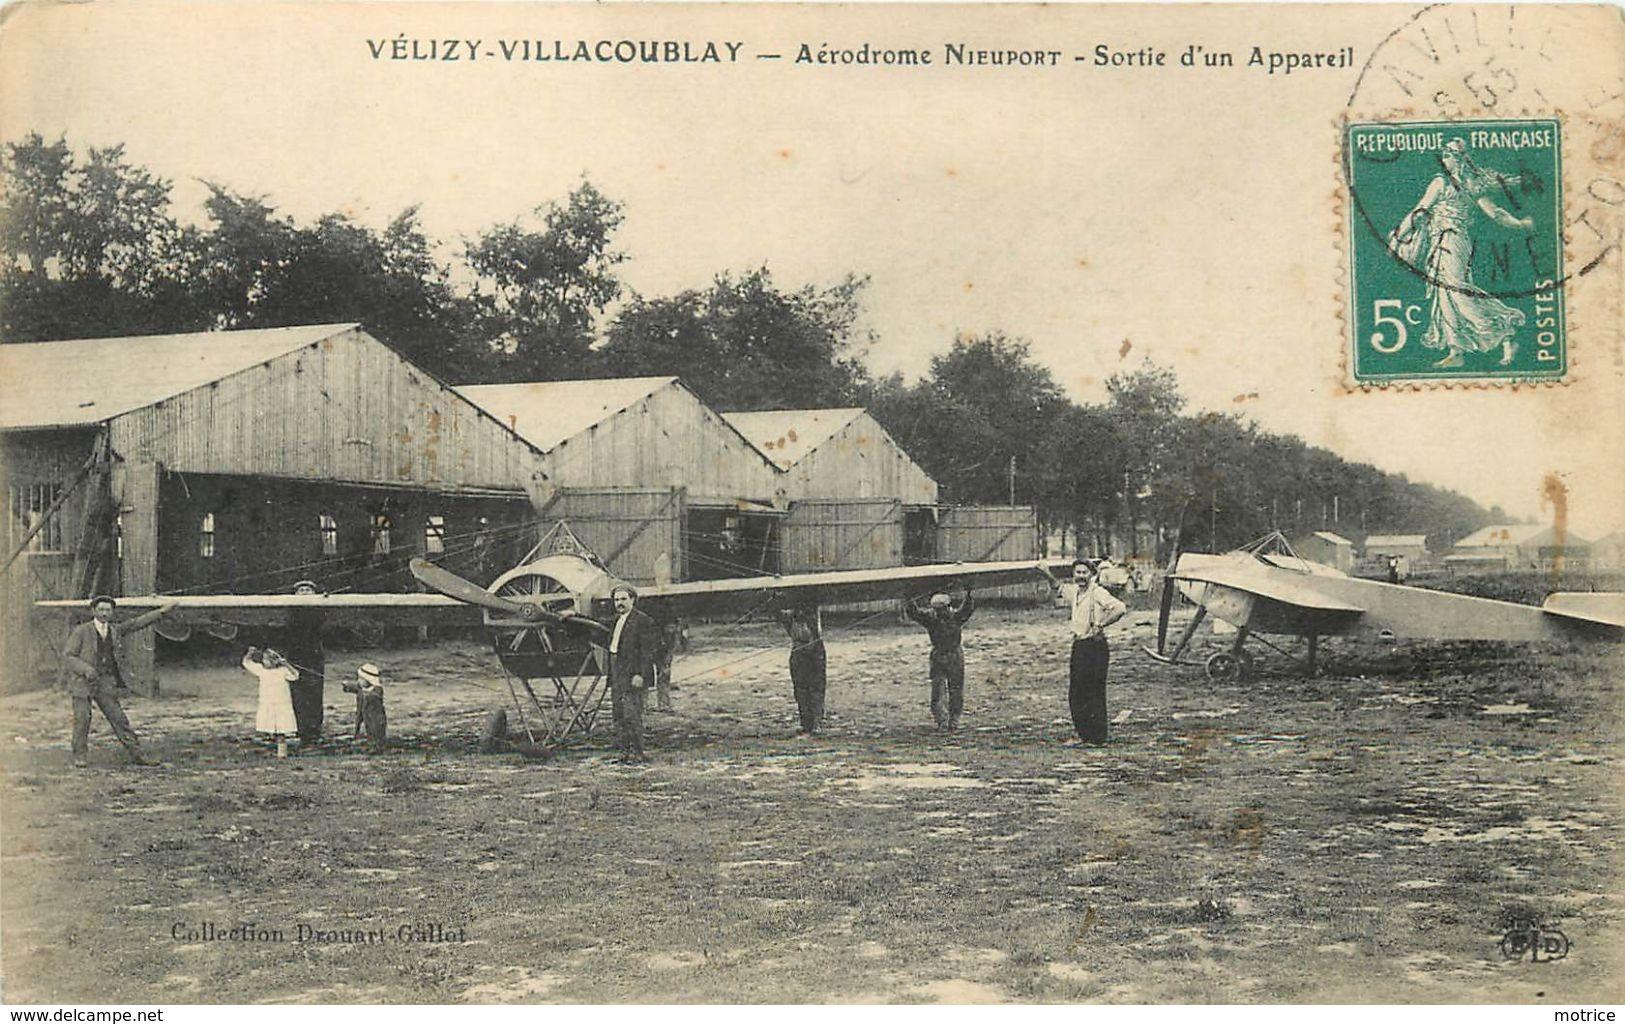 VELIZY VILLACOUBLAY - Aérodrome Nieuport, Sortie D'un Appareil.(ELD éditeur) - Aérodromes